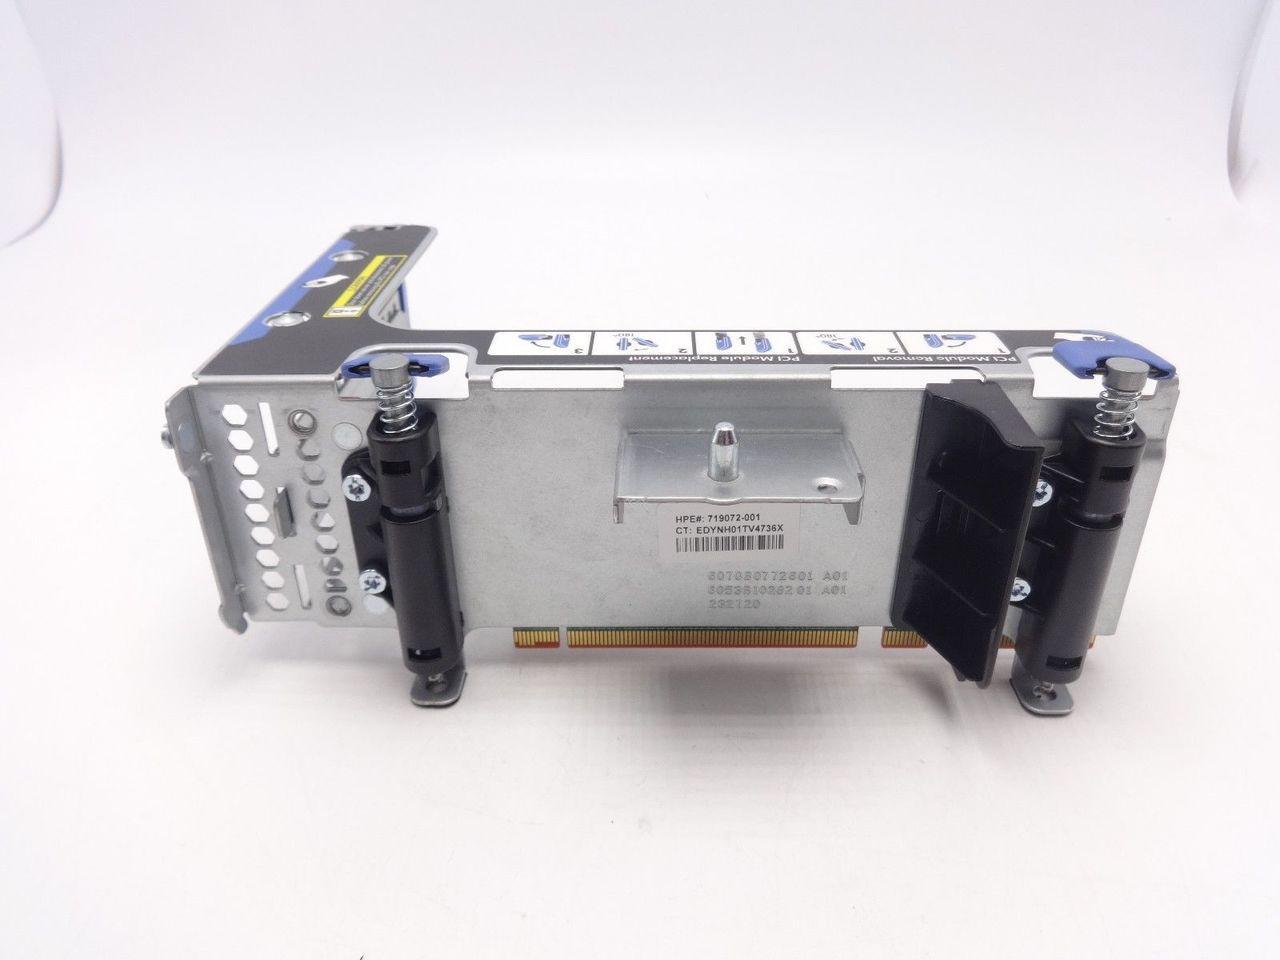 Hp 777281-001 DL380 G9 PCI-e Riser Cage 777287-001